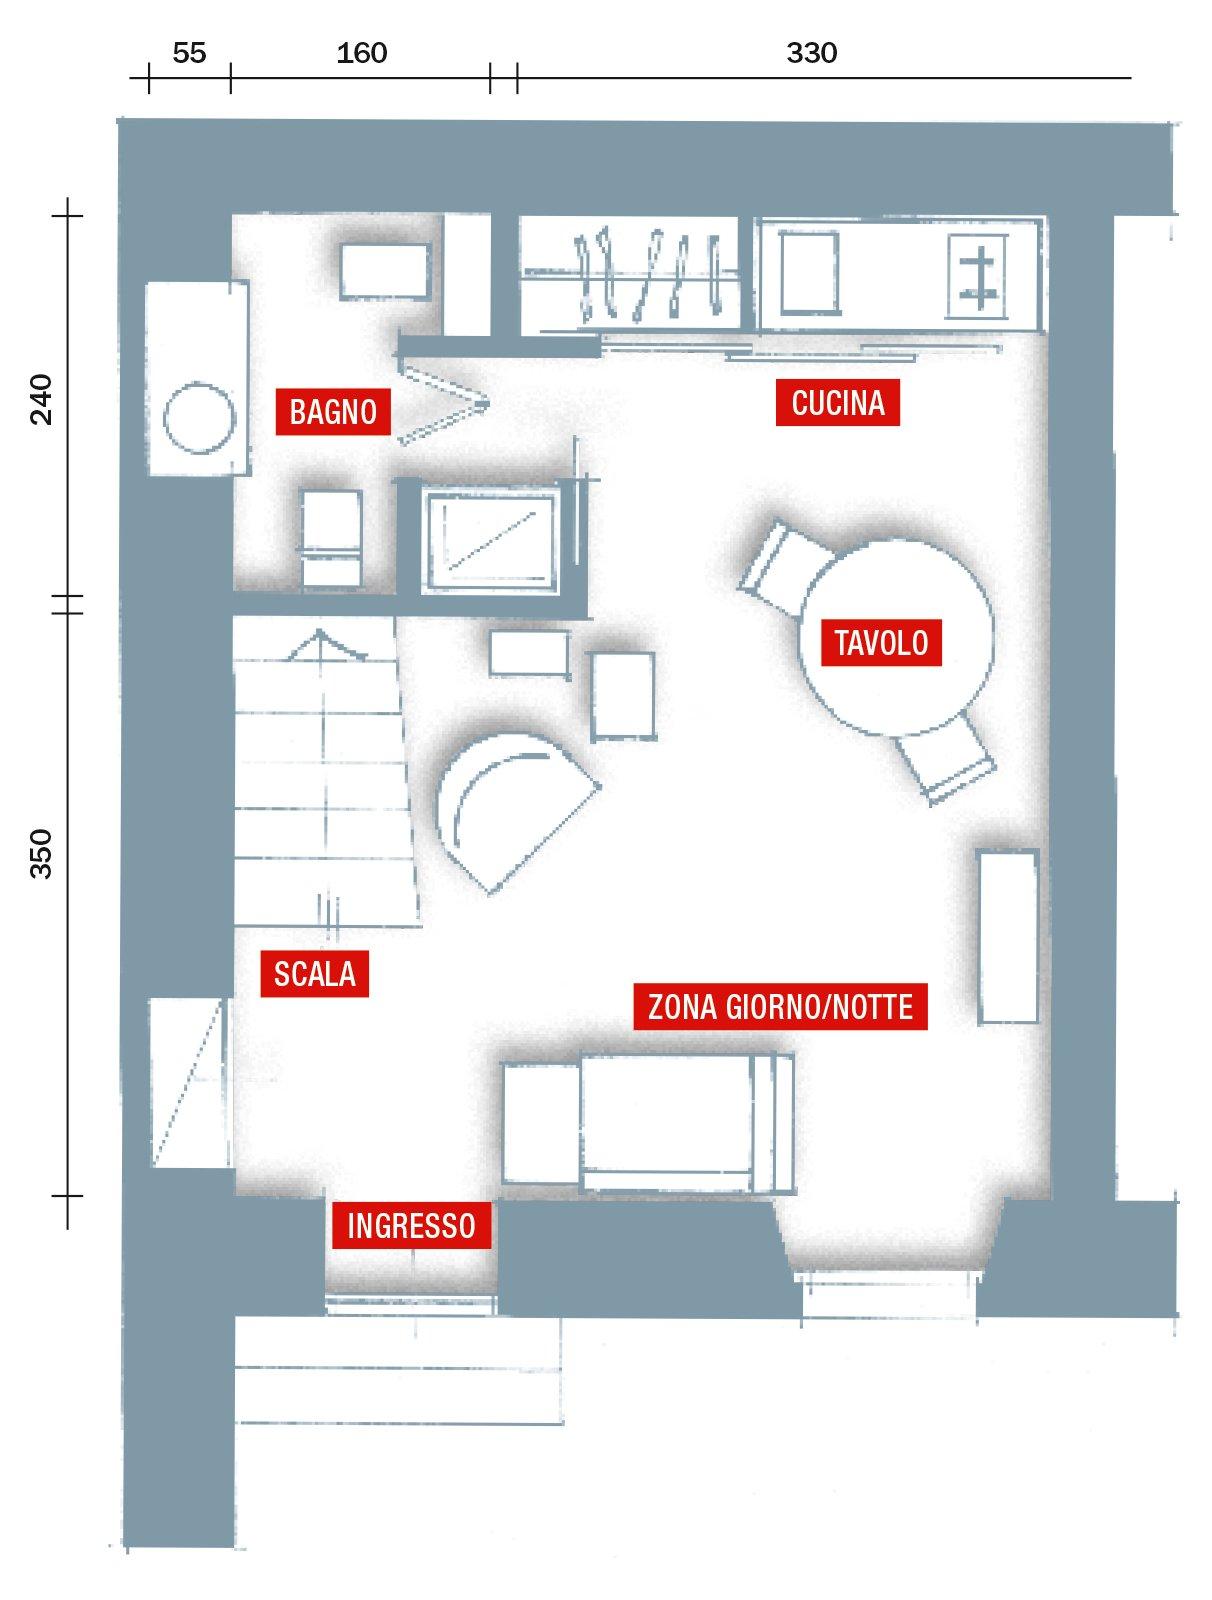 Monolocale una casa di 30 mq risolta al centimetro cose for Esempi di disegni di planimetrie della casa